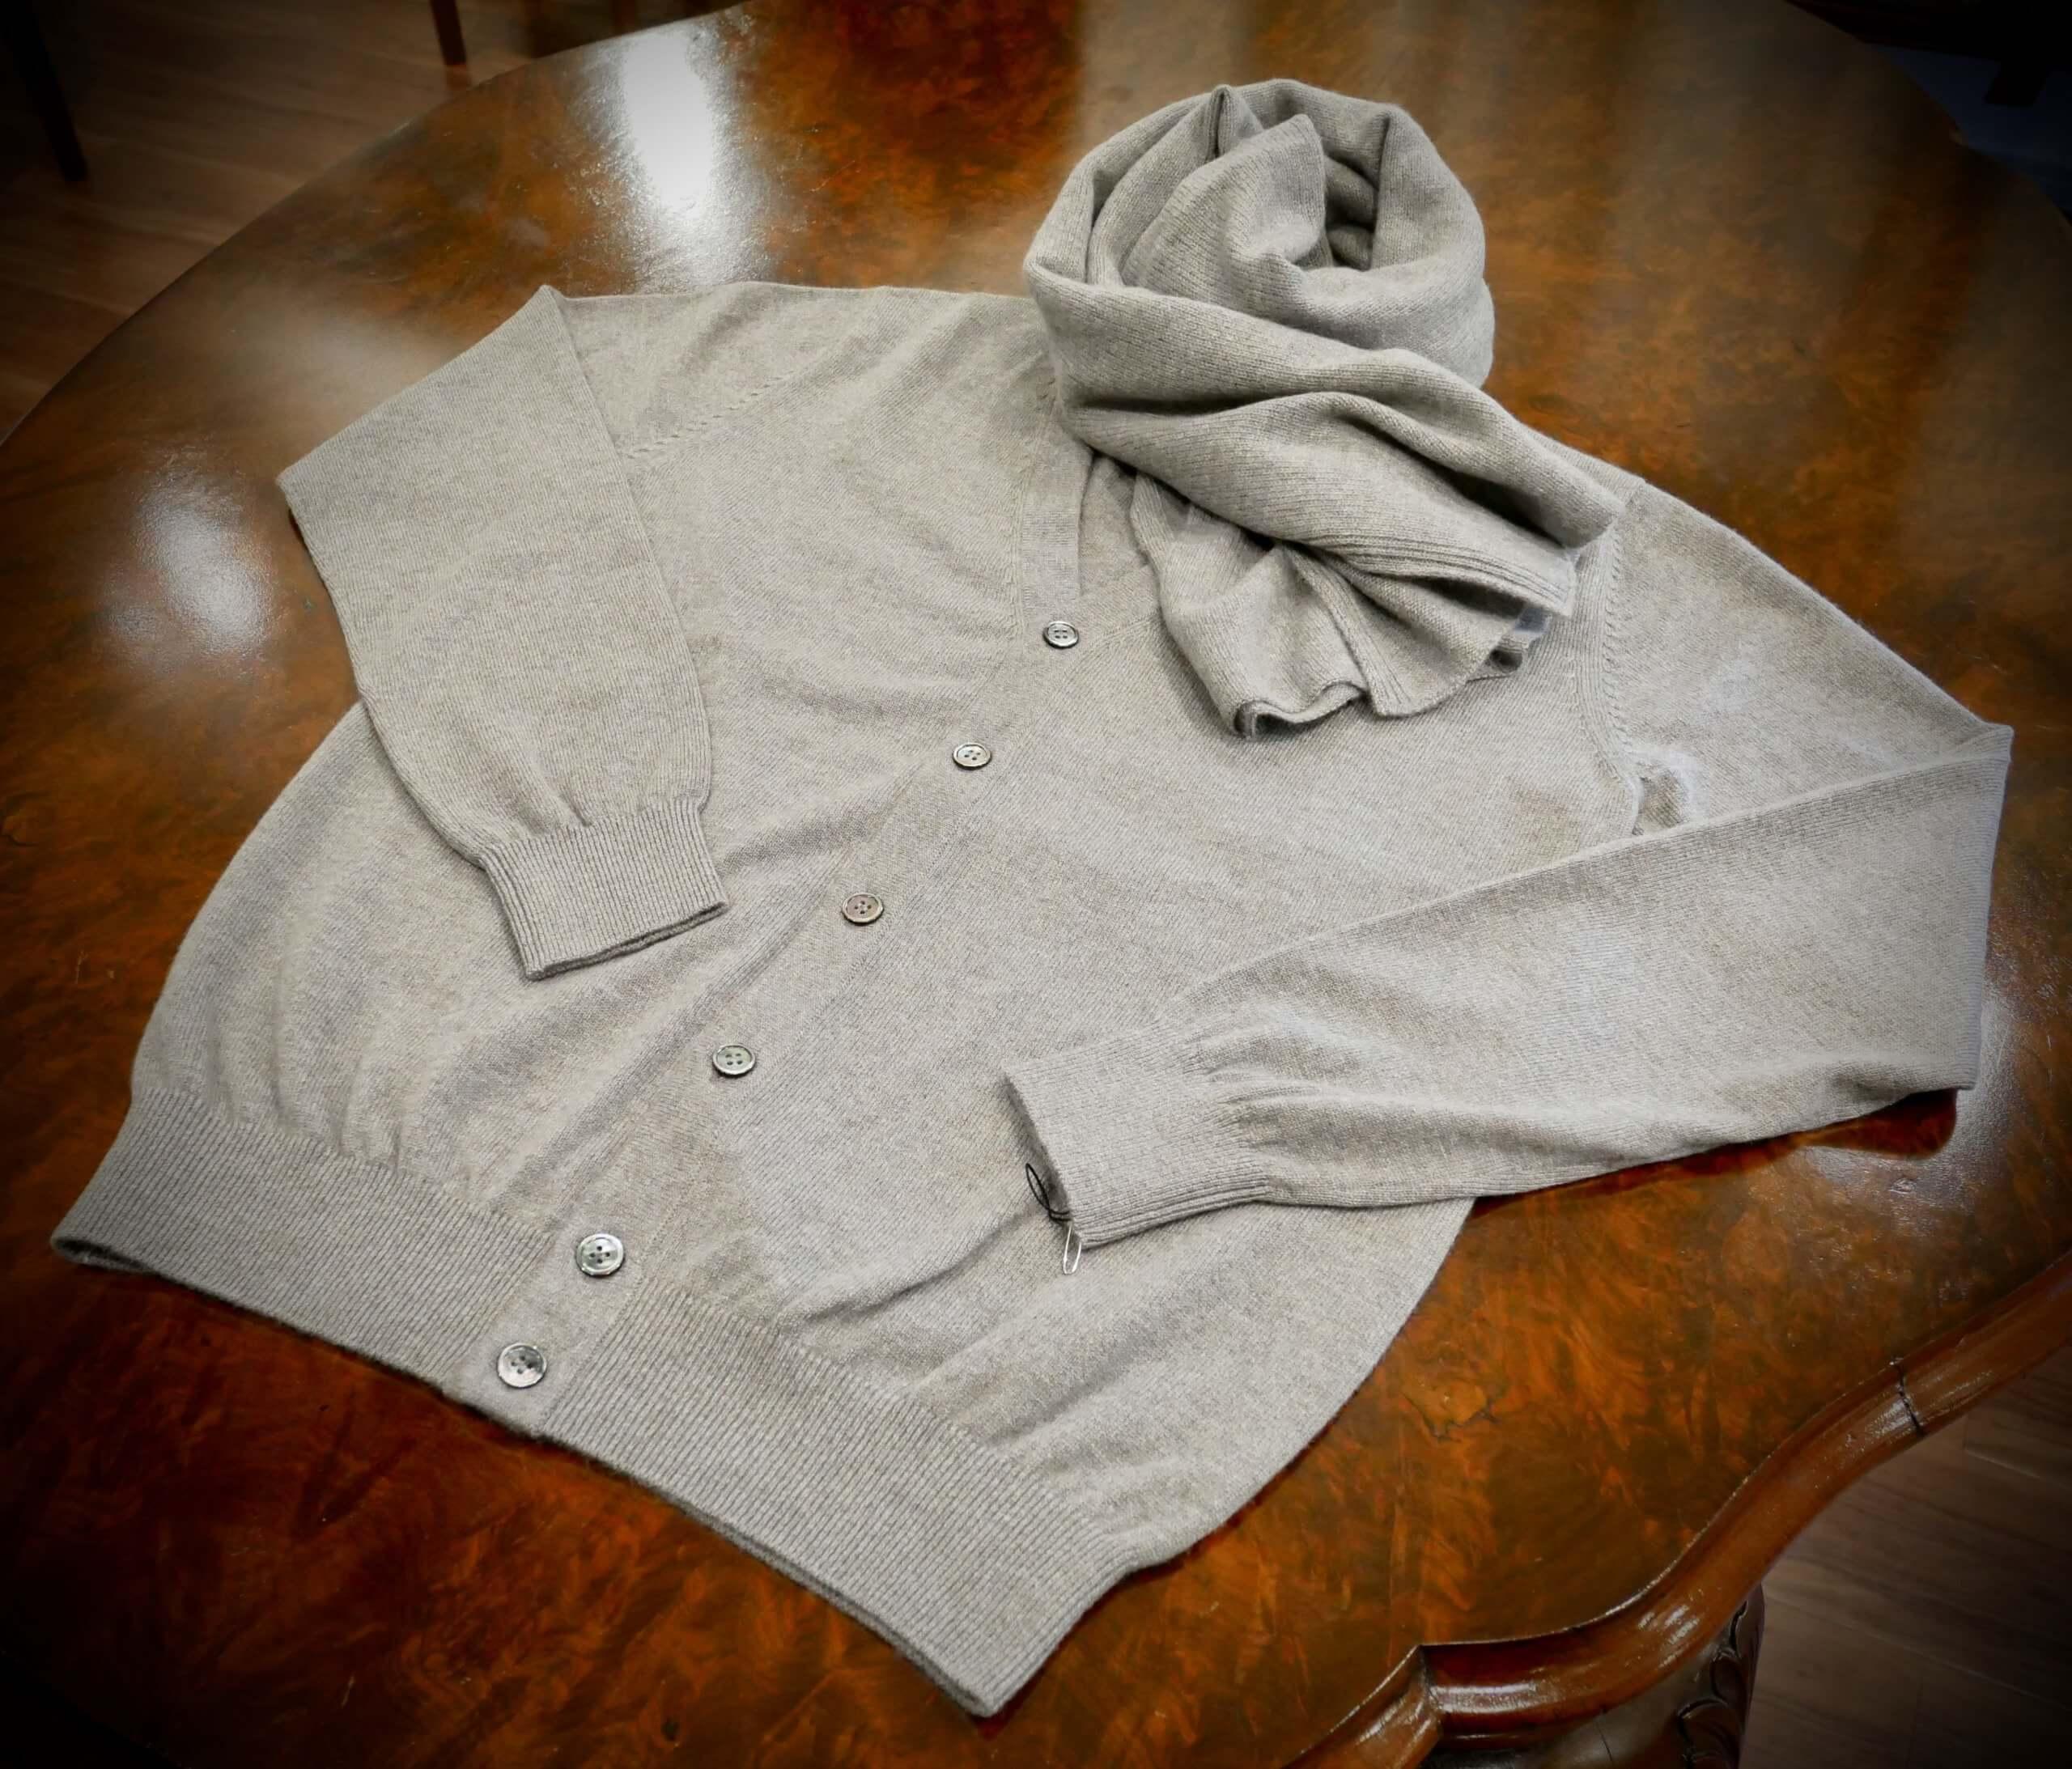 Knitwear_20201111_knitwear_4.jpg